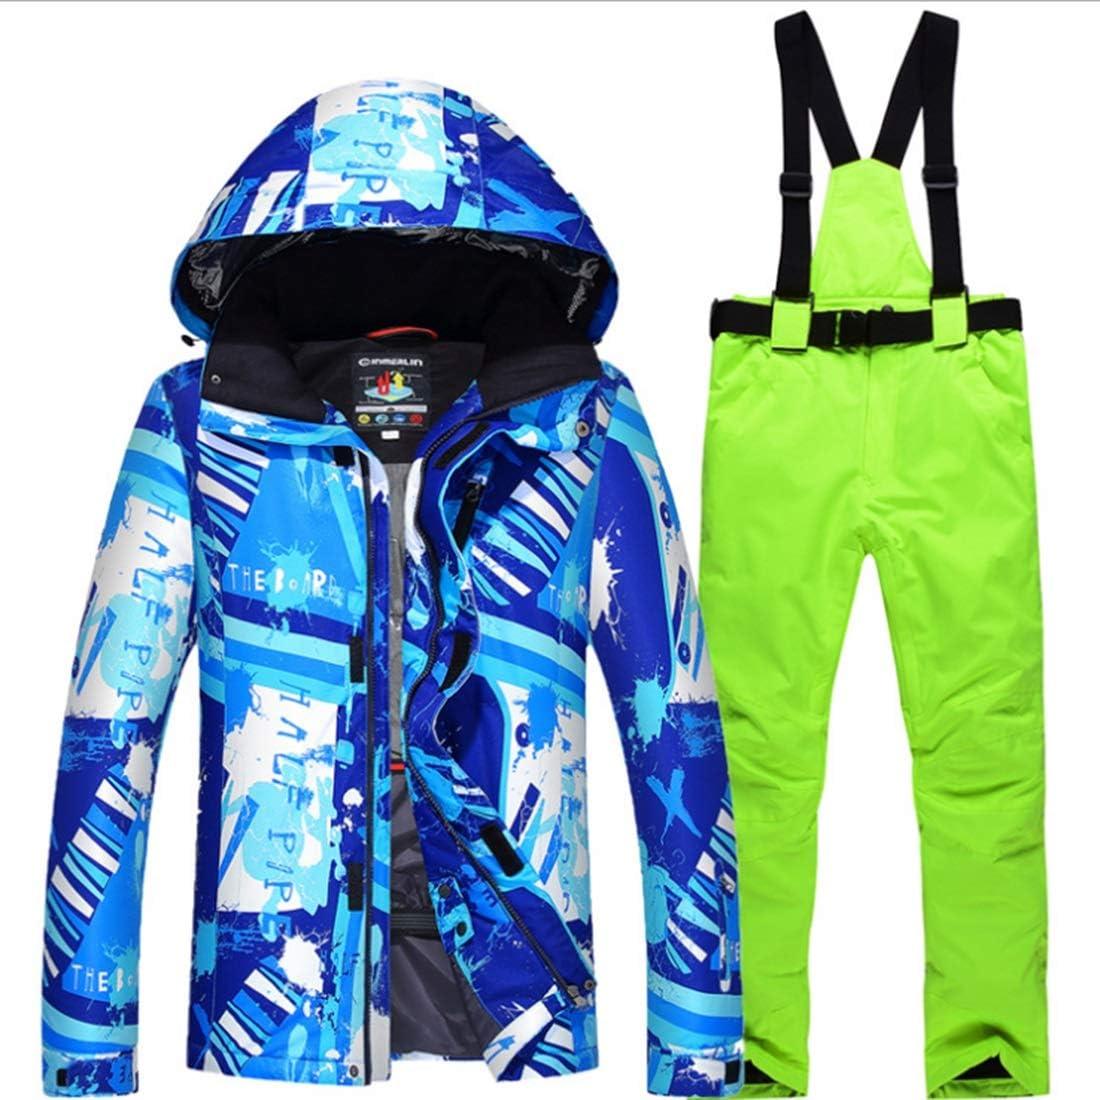 JIANYI 太いメンズ迷彩スキーパンツは防風防水暖かい冬コートレディーススノーボードジャケットスーツ (色 : 02, サイズ : L)  Large